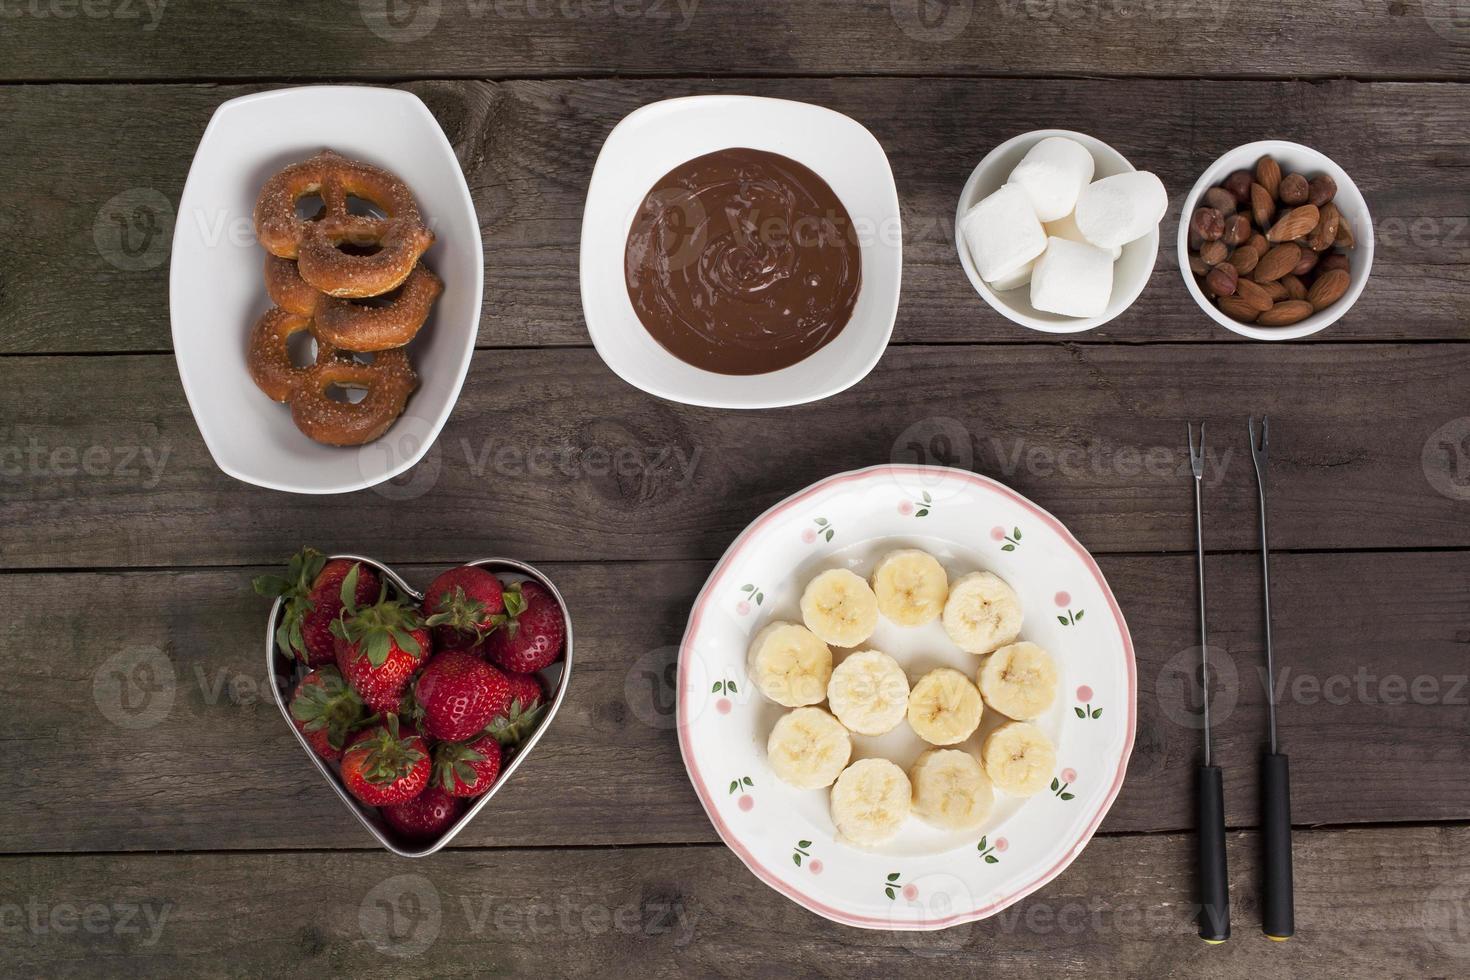 chocolates frutas y galletas en la mesa de madera foto